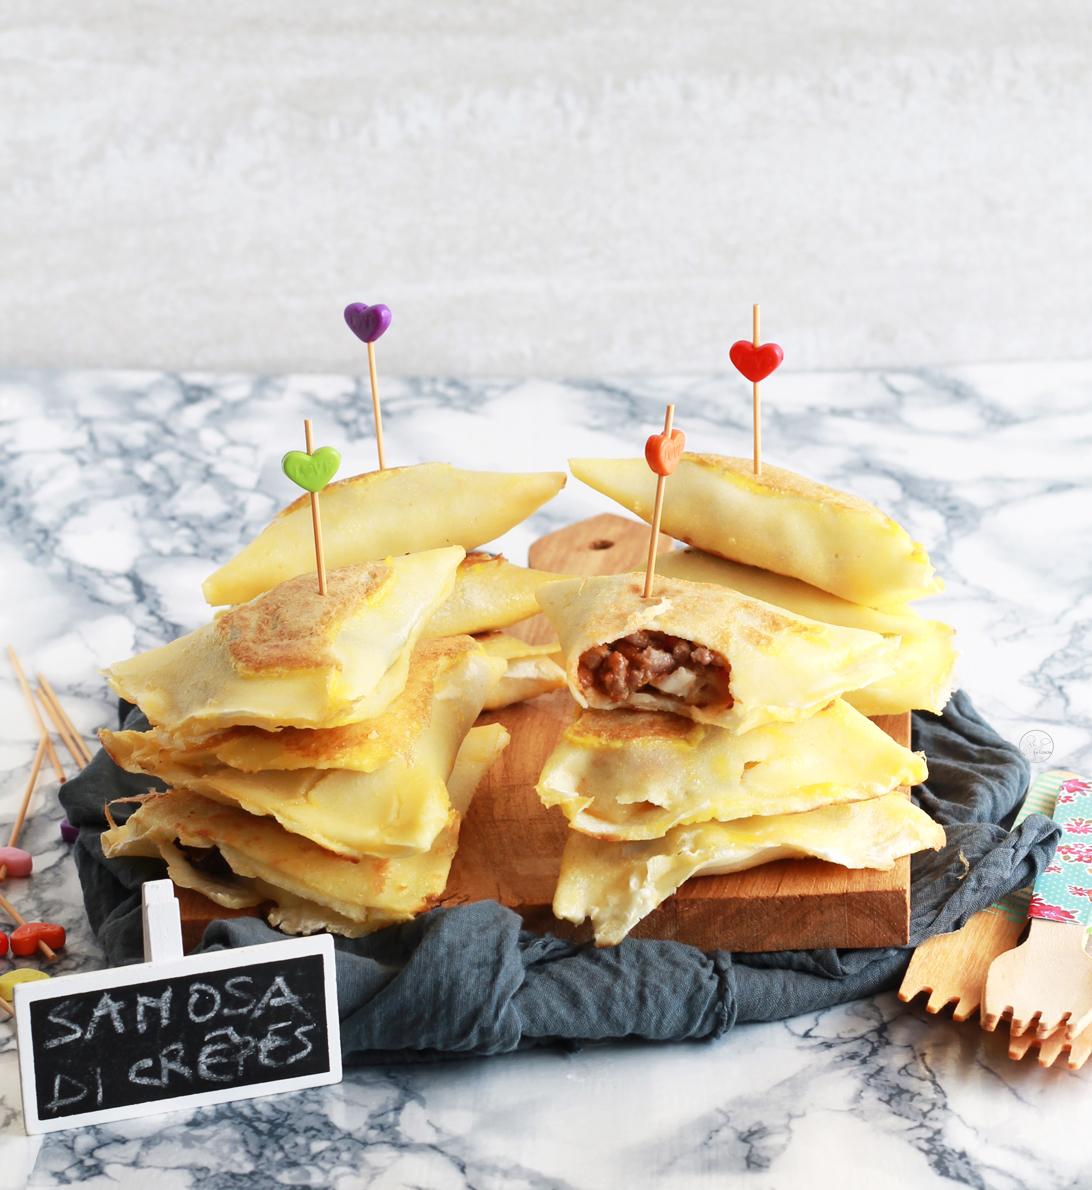 Samosa di crêpes senza glutine - La Cassata Celiaca